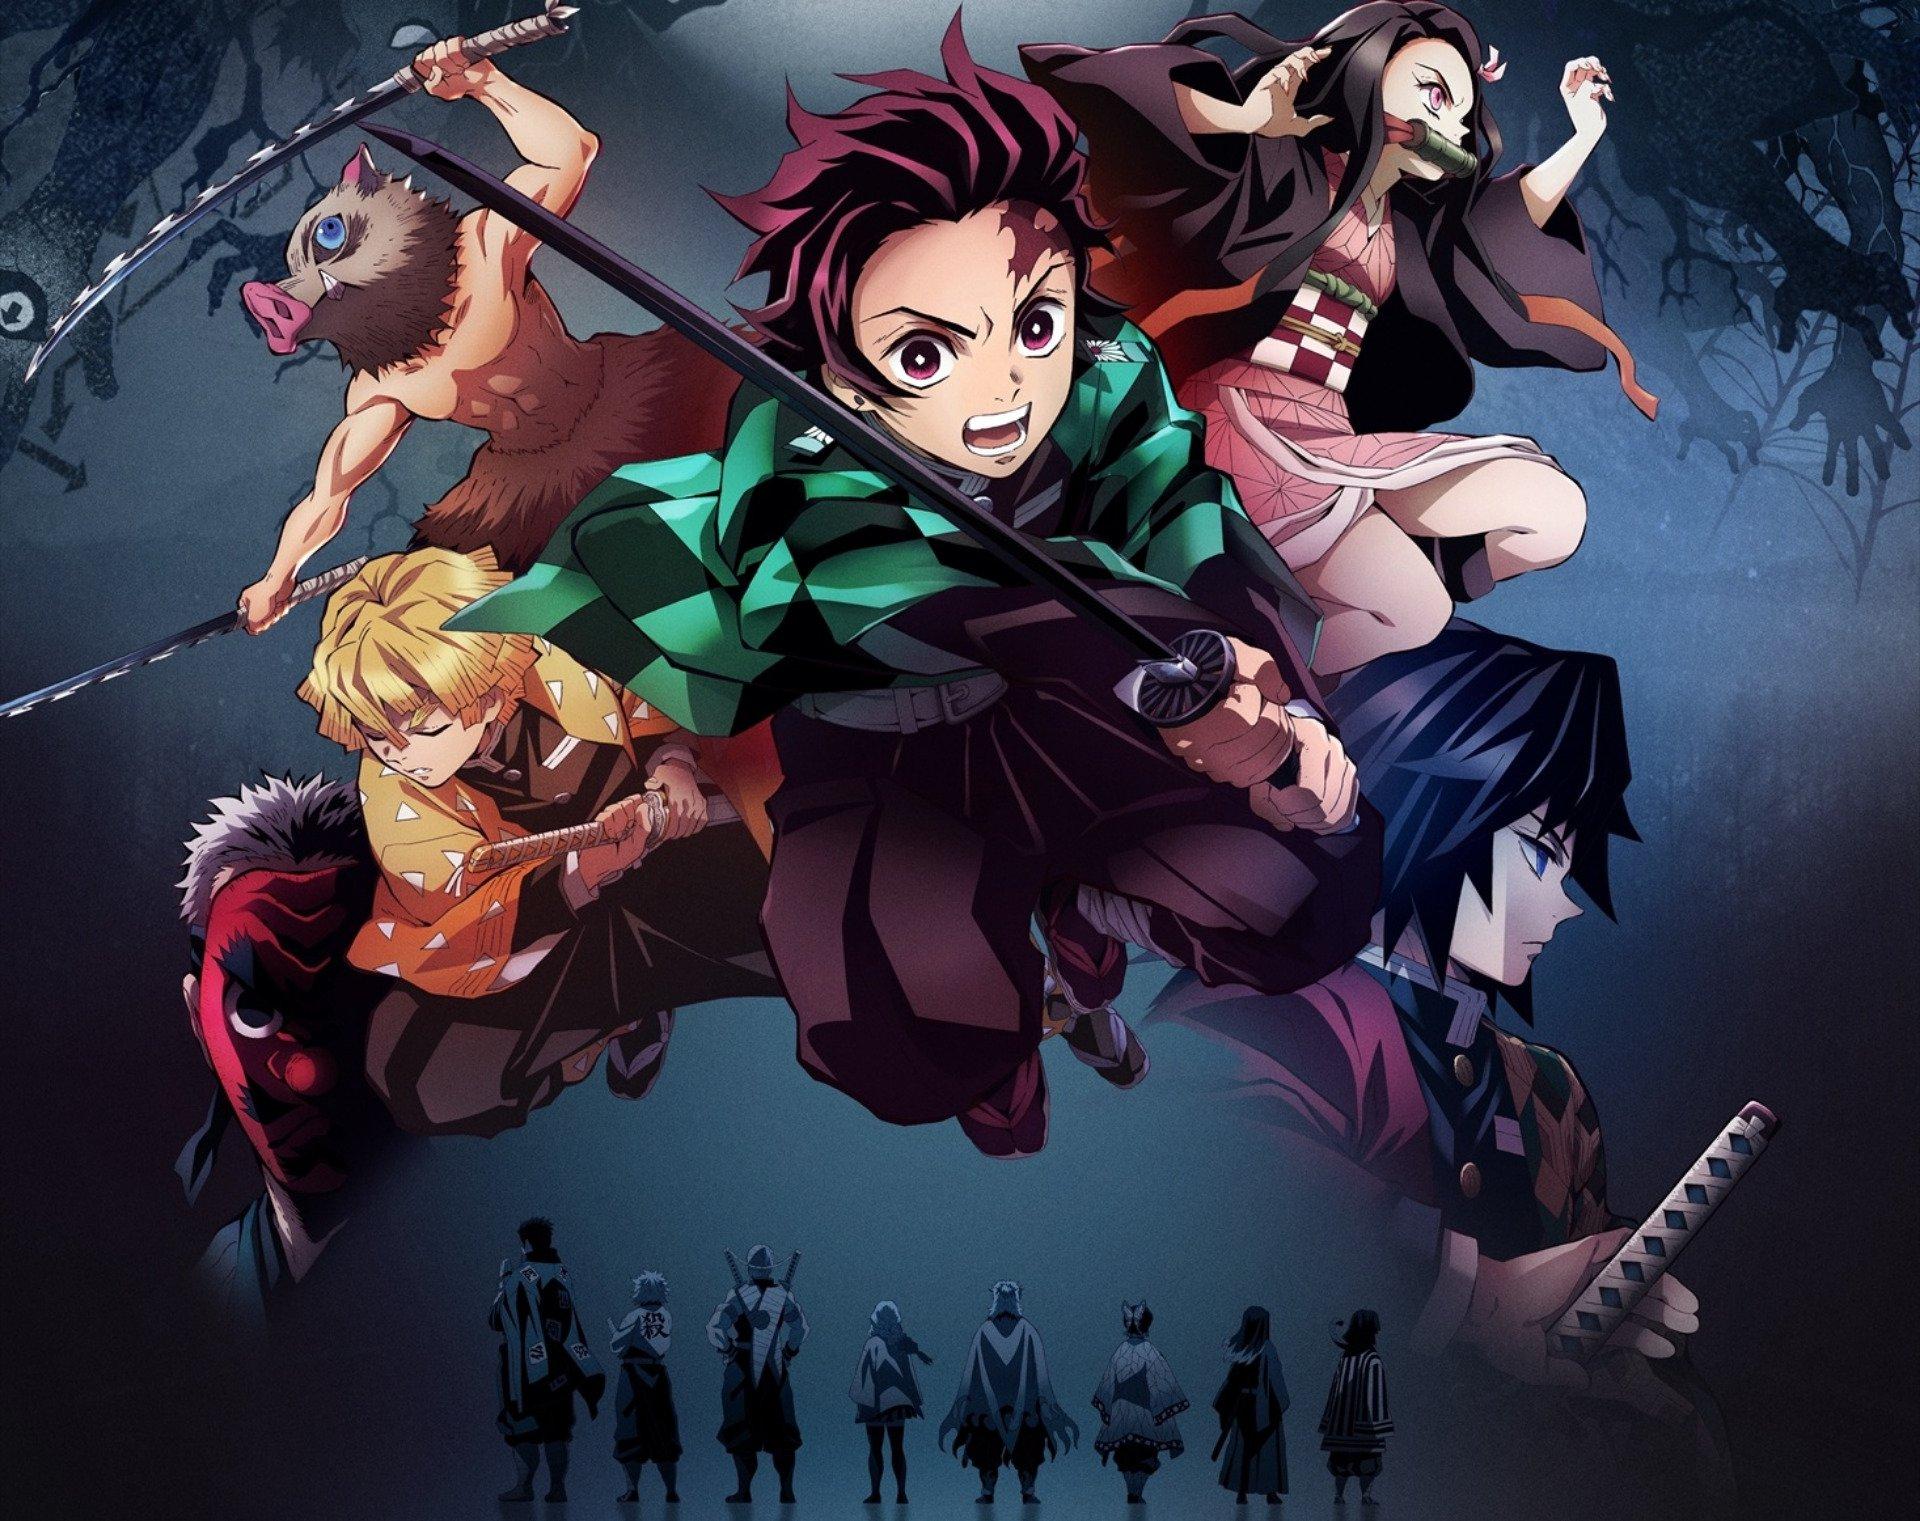 Fondos de pantalla Anime Los personajes de Guardianes de la Noche